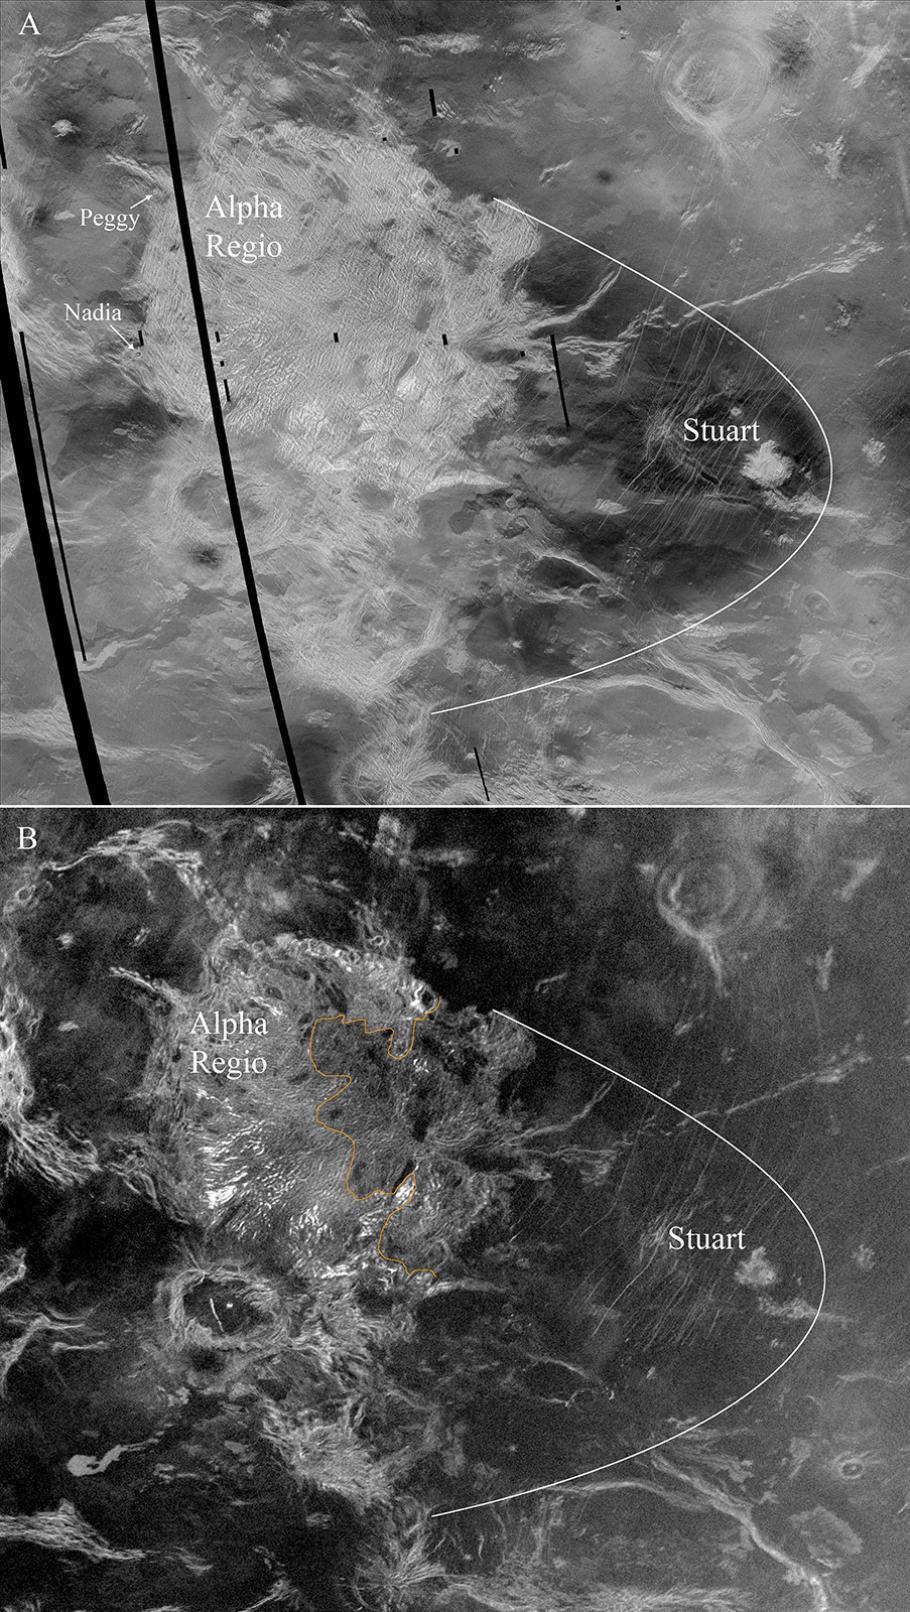 Alpha Regio on Venus